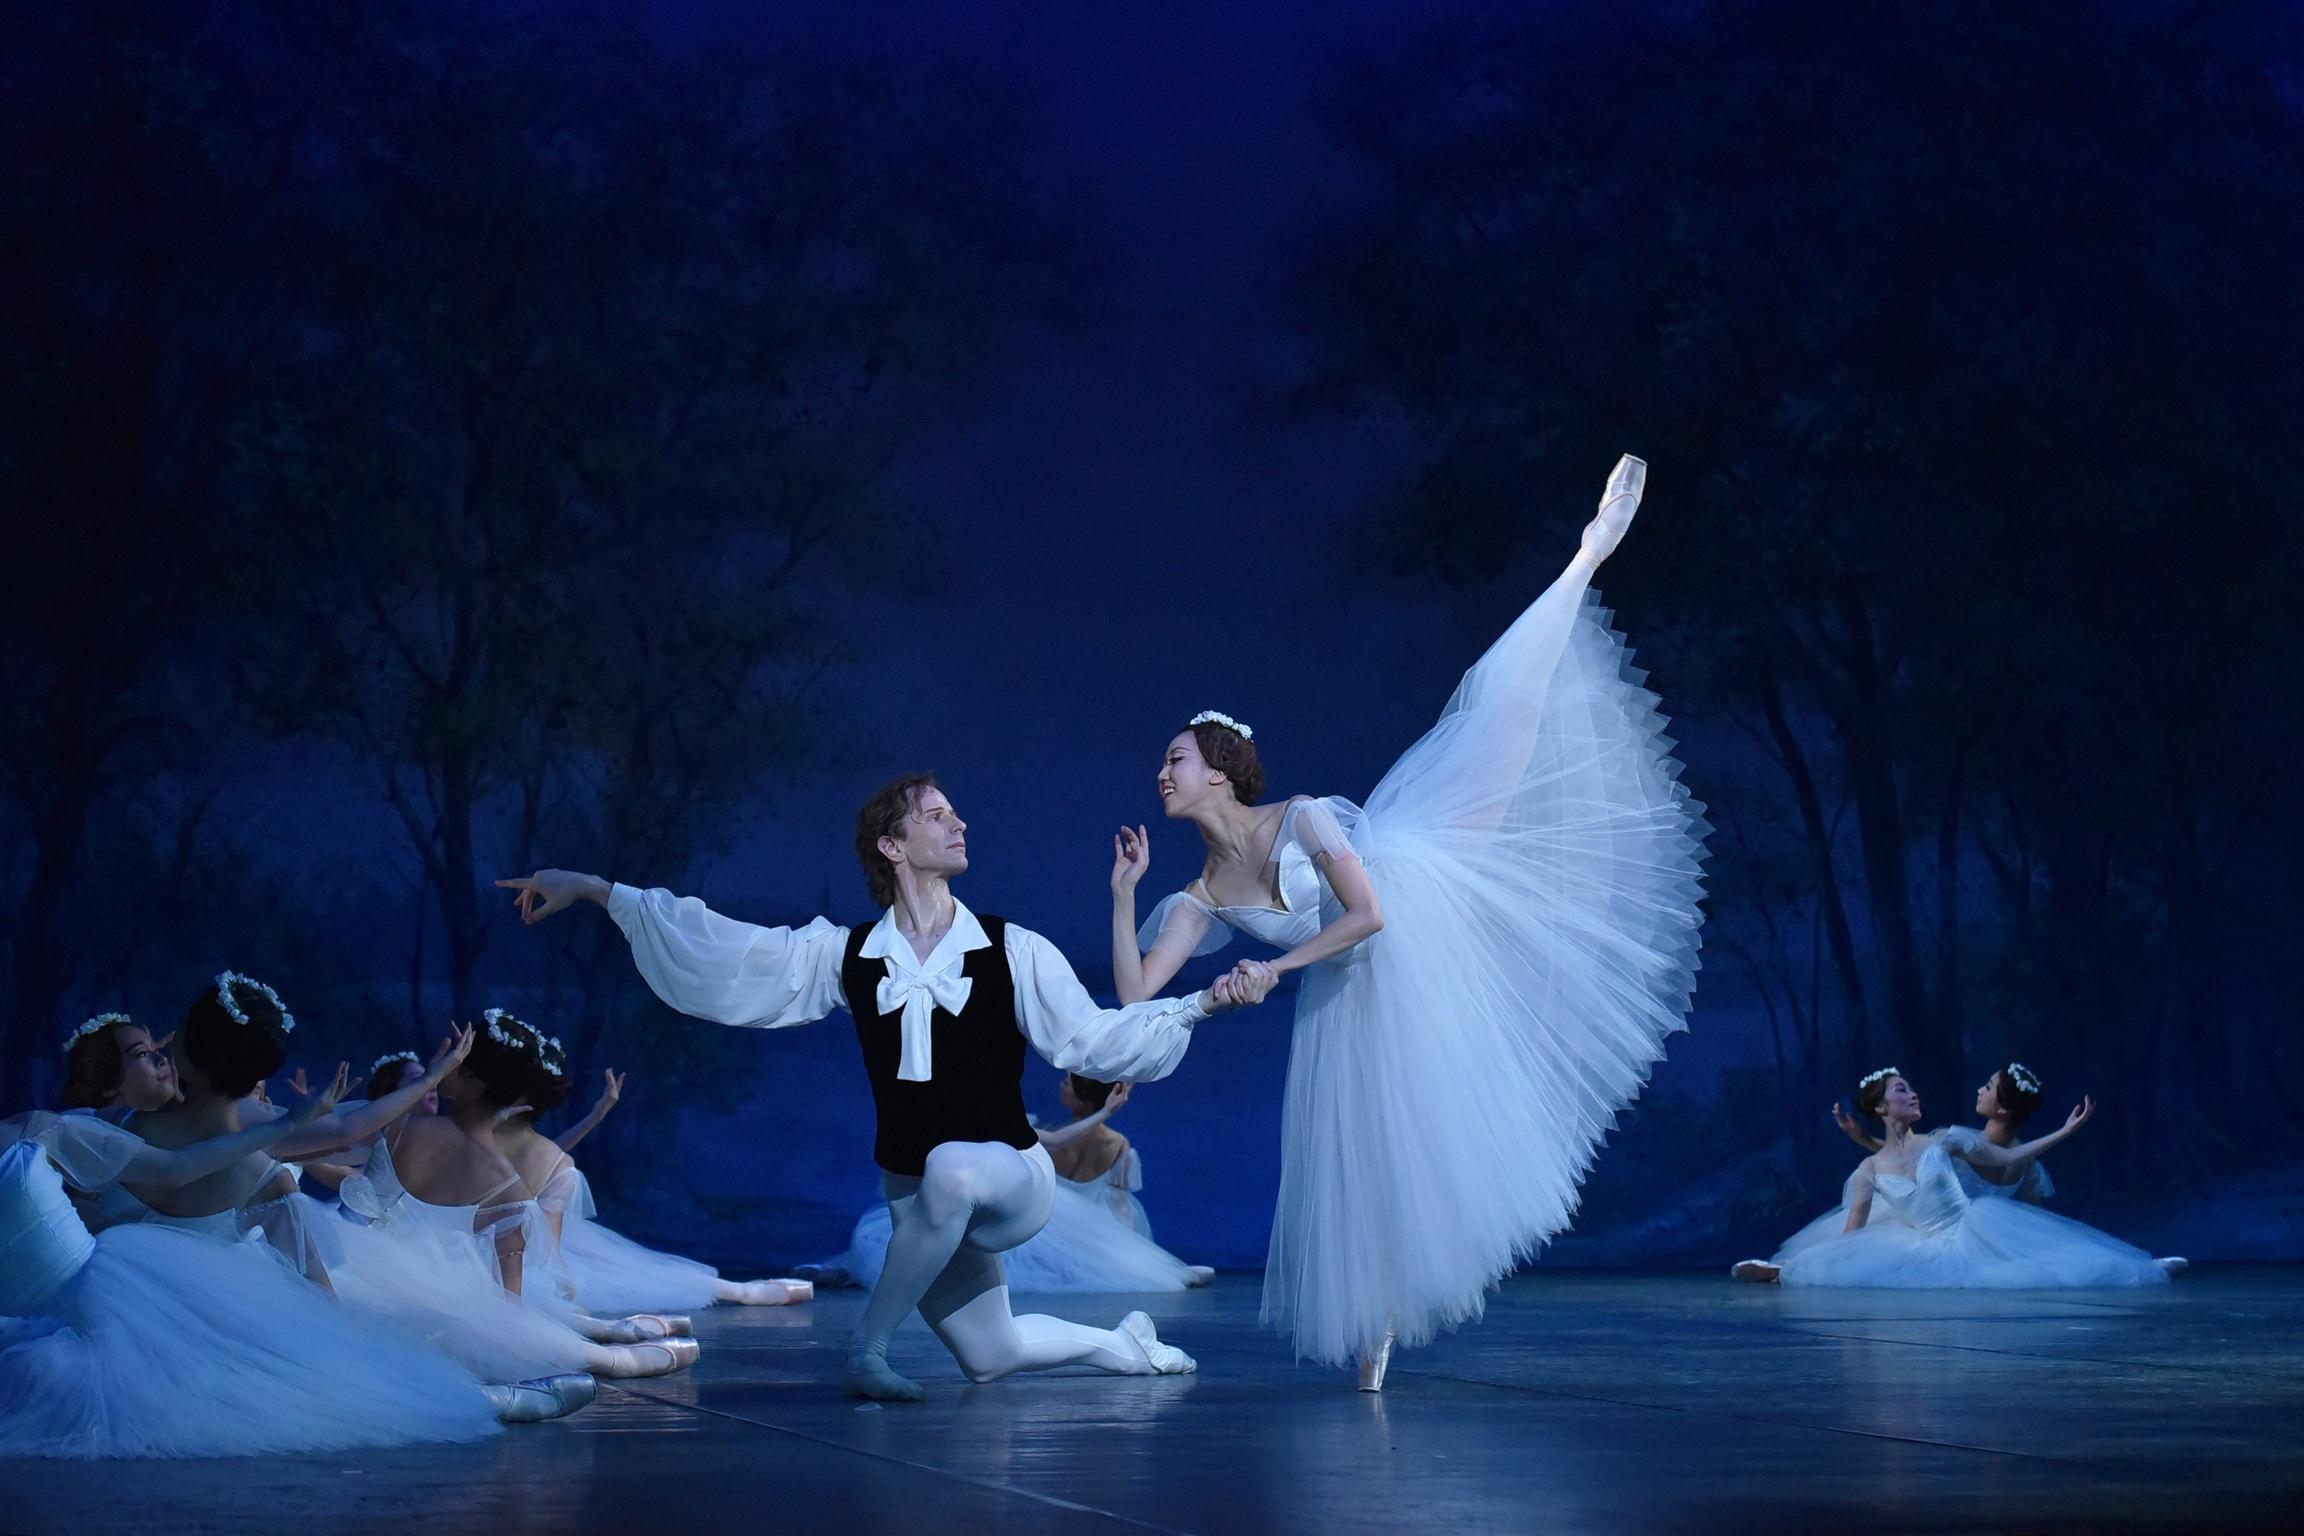 Ballet Company West Japan 第1回公演より『ショピニアーナ』 撮影:文元京香(テス大阪)